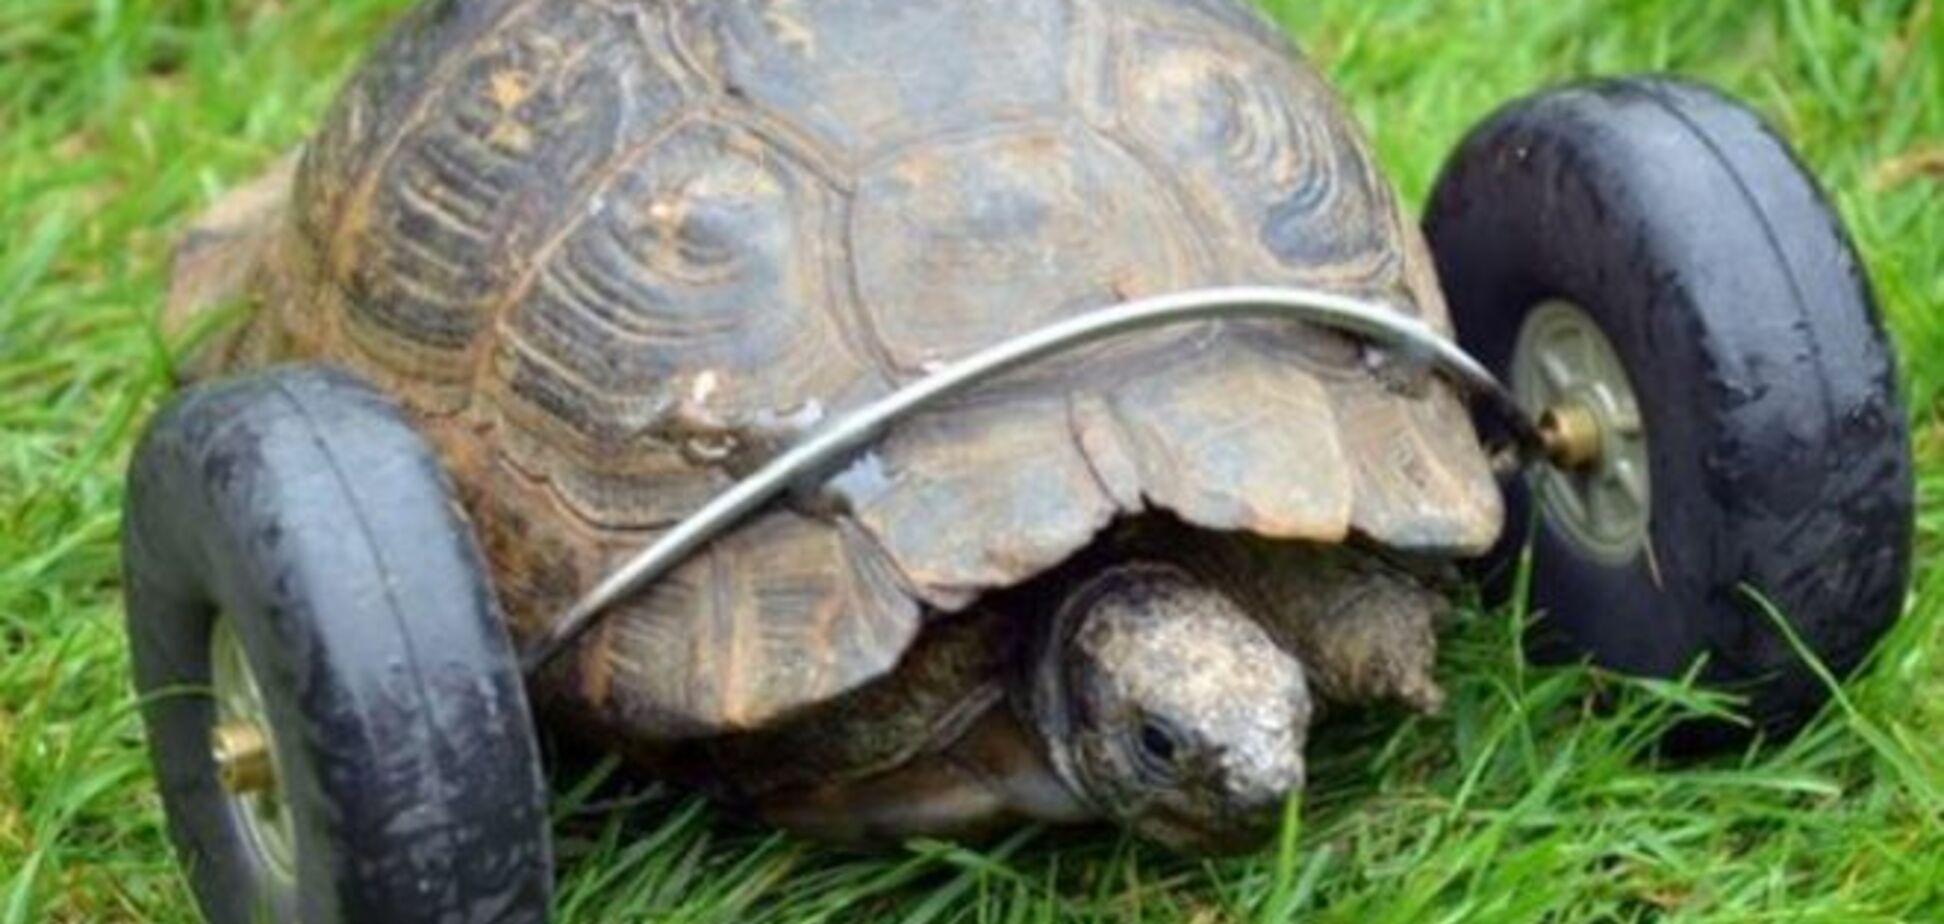 Инженер спас черепаху, прикрутив ей колеса вместо отгрызенных крысами лап